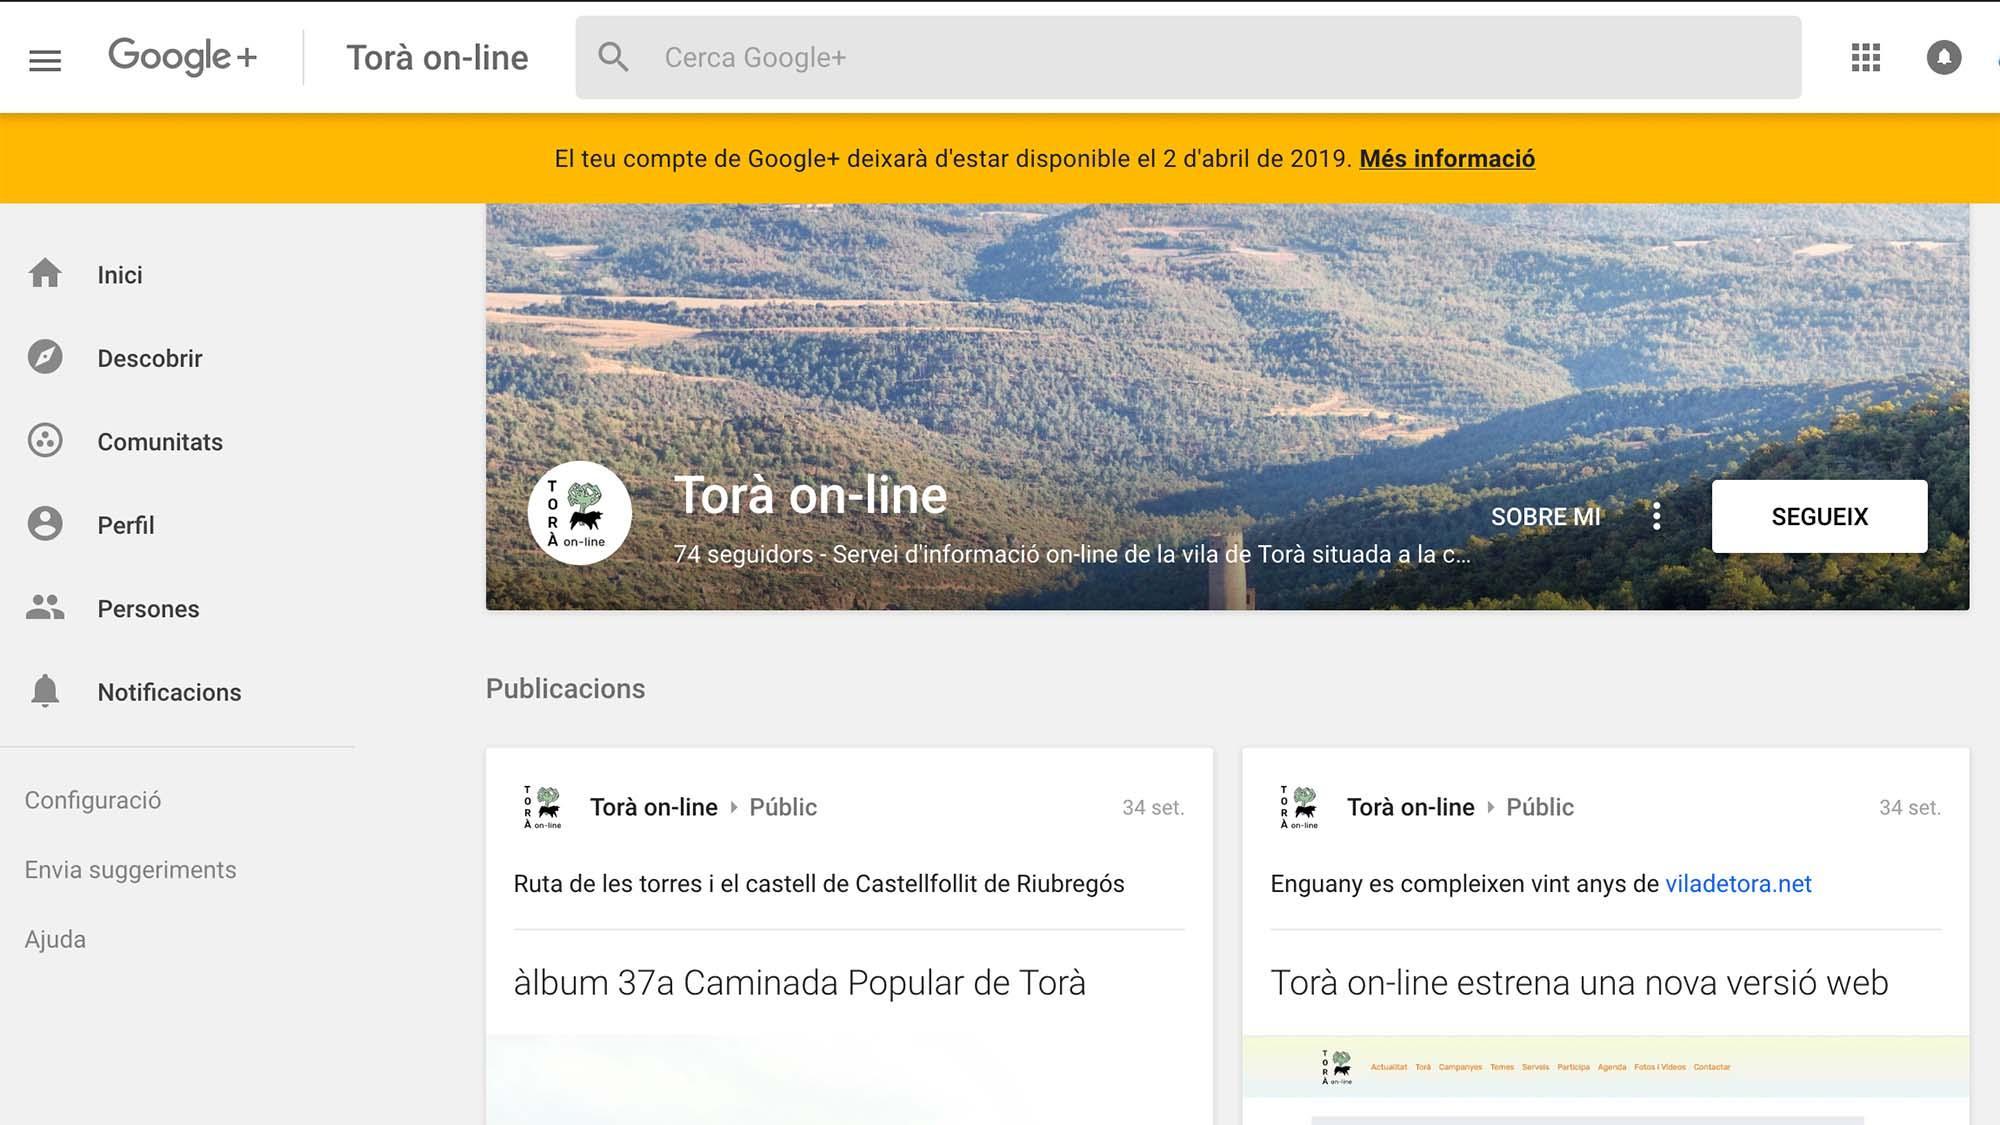 Tancament de les pàgines personals de Google+